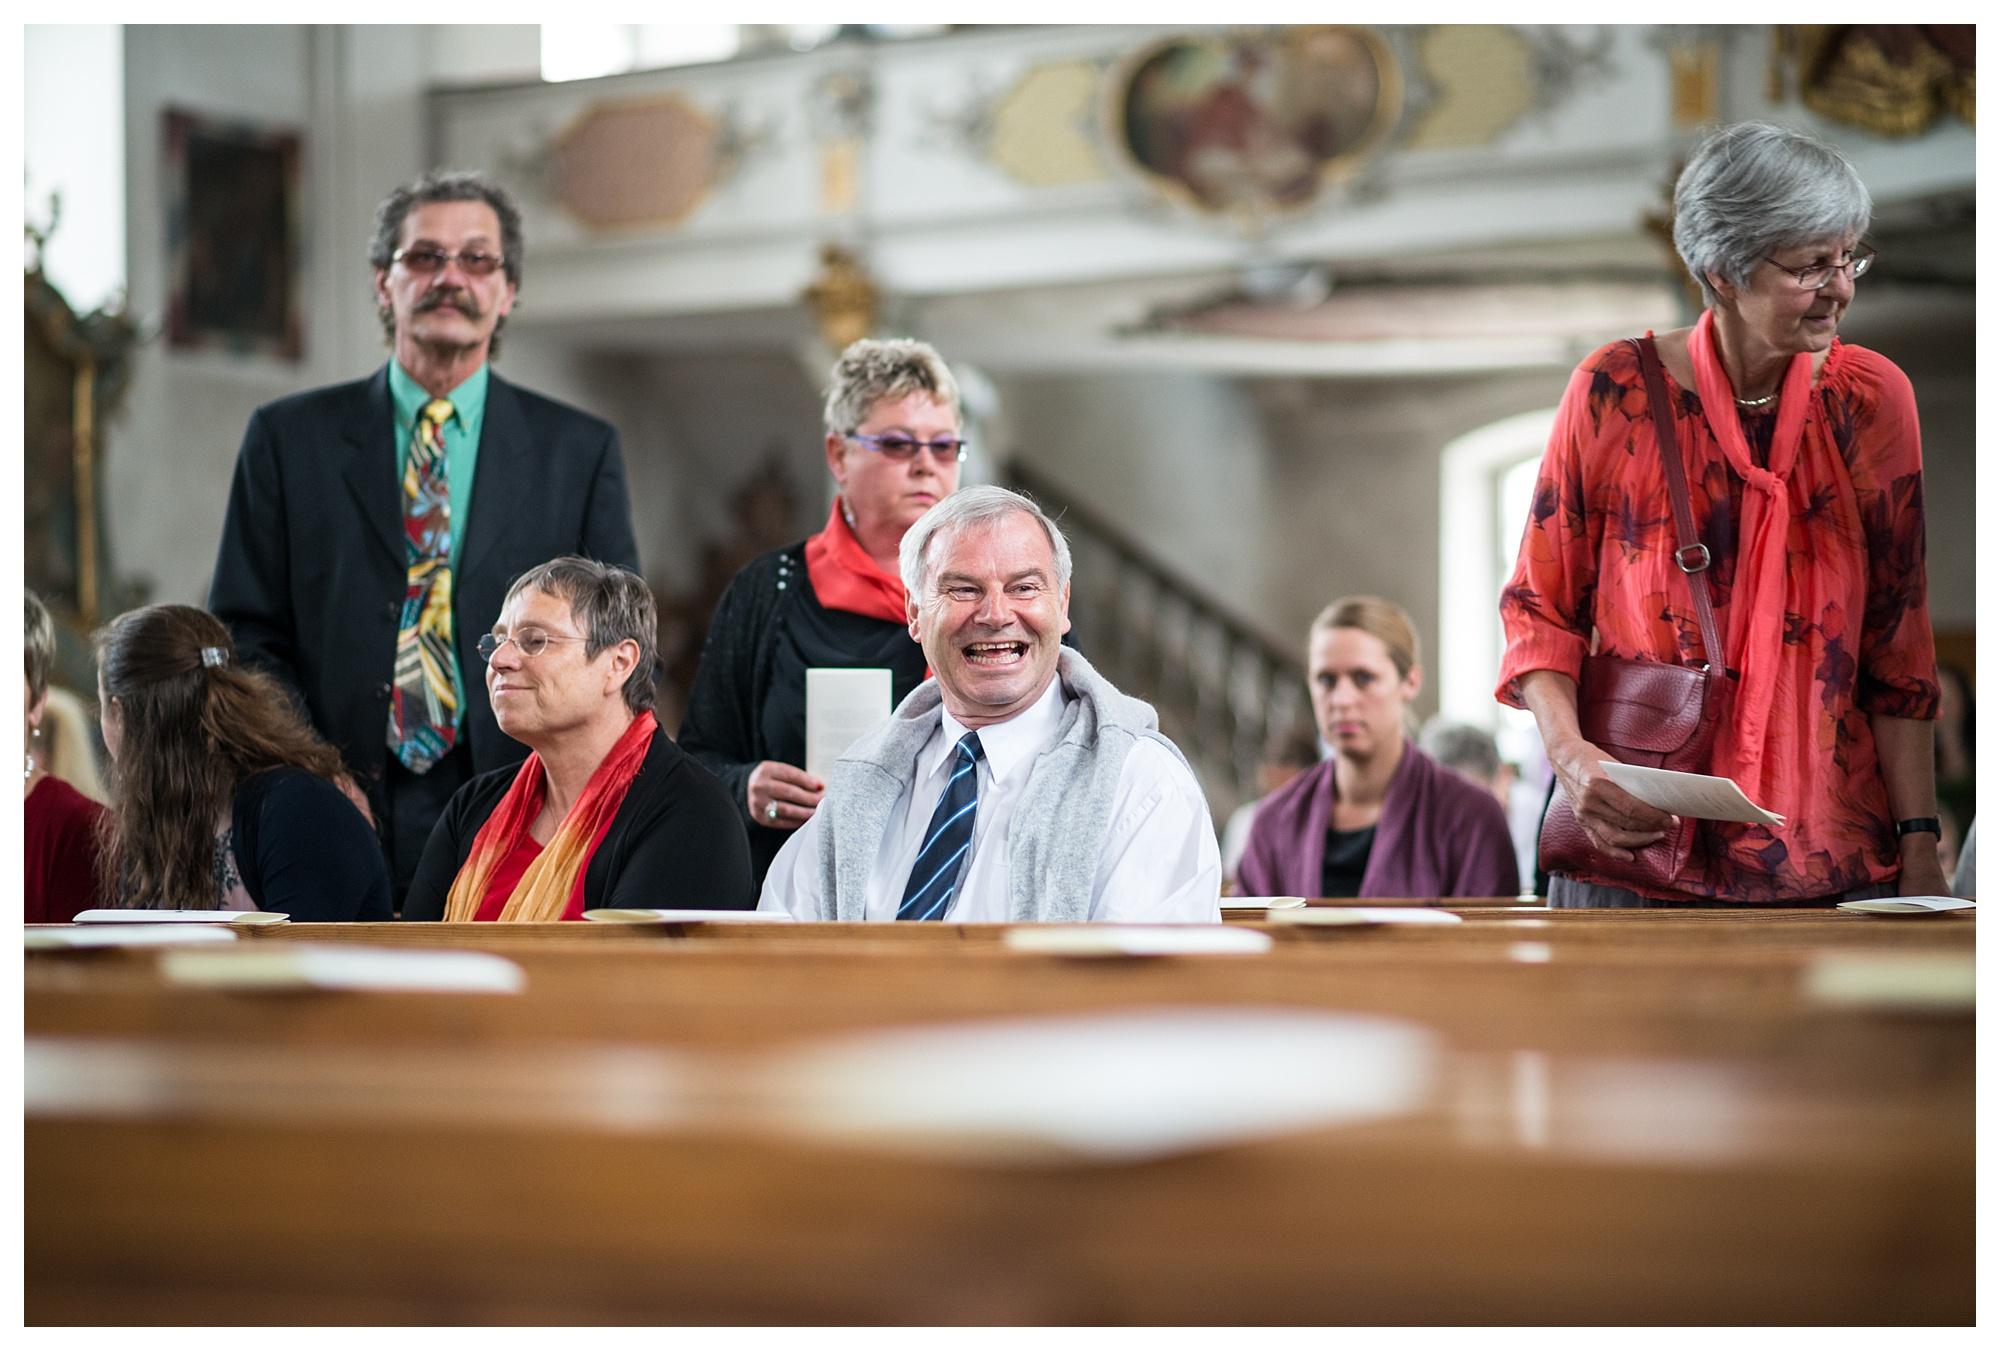 Fotograf Konstanz - Hochzeit Tanja Elmar Elmar Feuerbacher Photography Konstanz Messkirch Highlights 016 - Hochzeitsreportage von Tanja und Elmar im Schloss Meßkirch  - 120 -